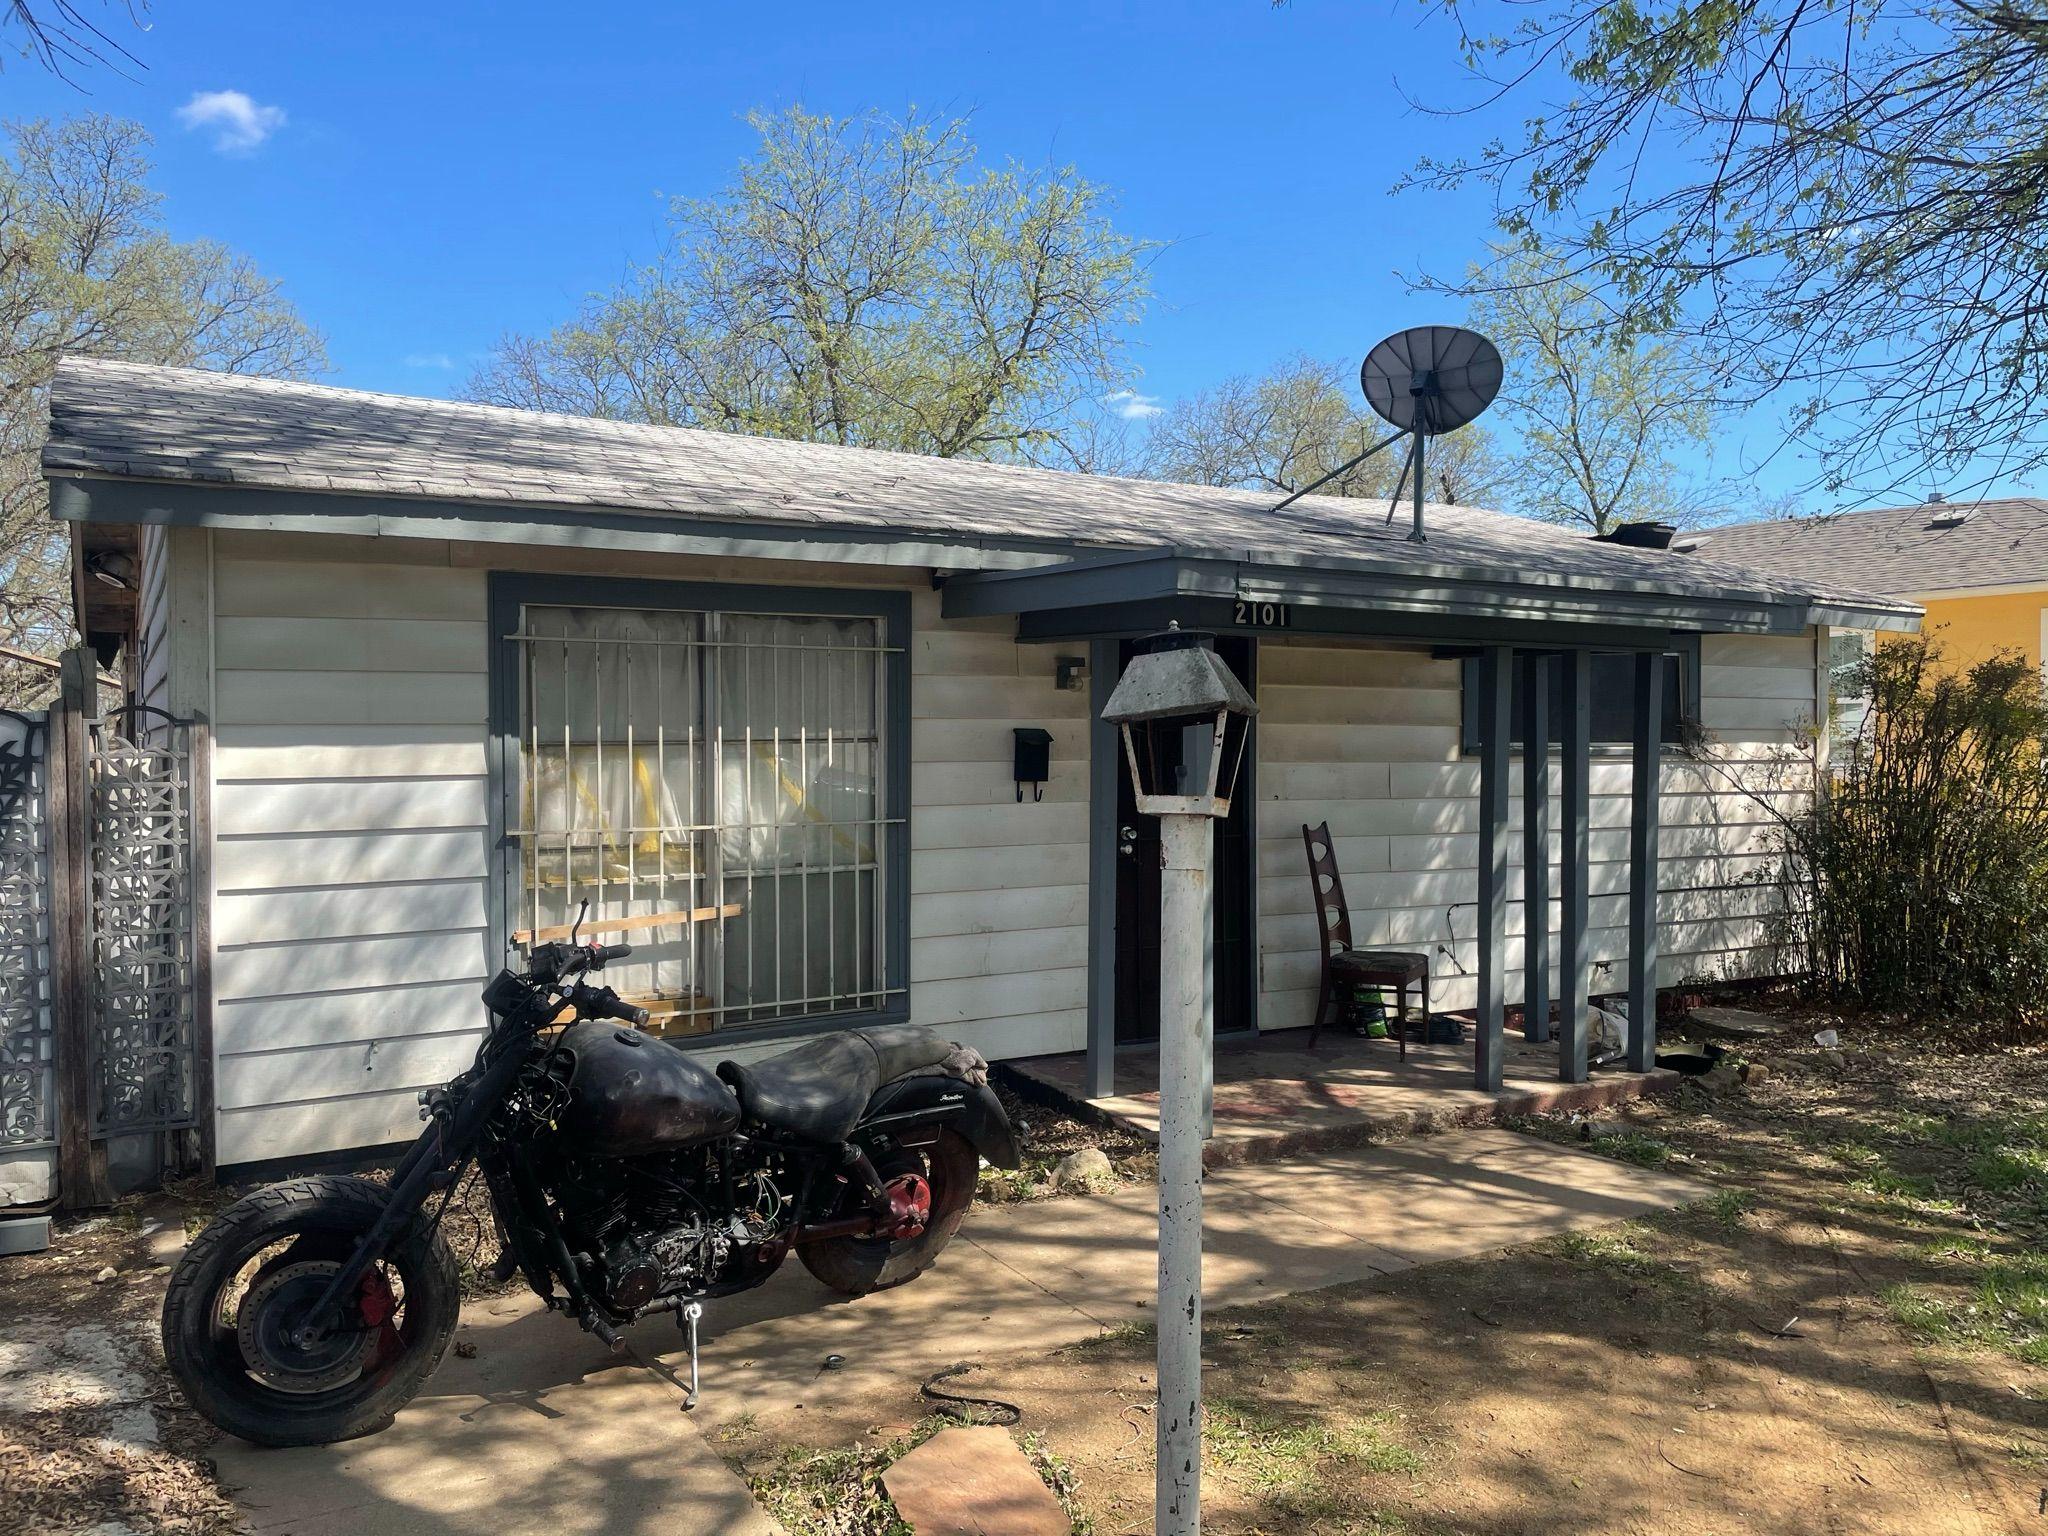 2101 Daniel St, Fort Worth, TX